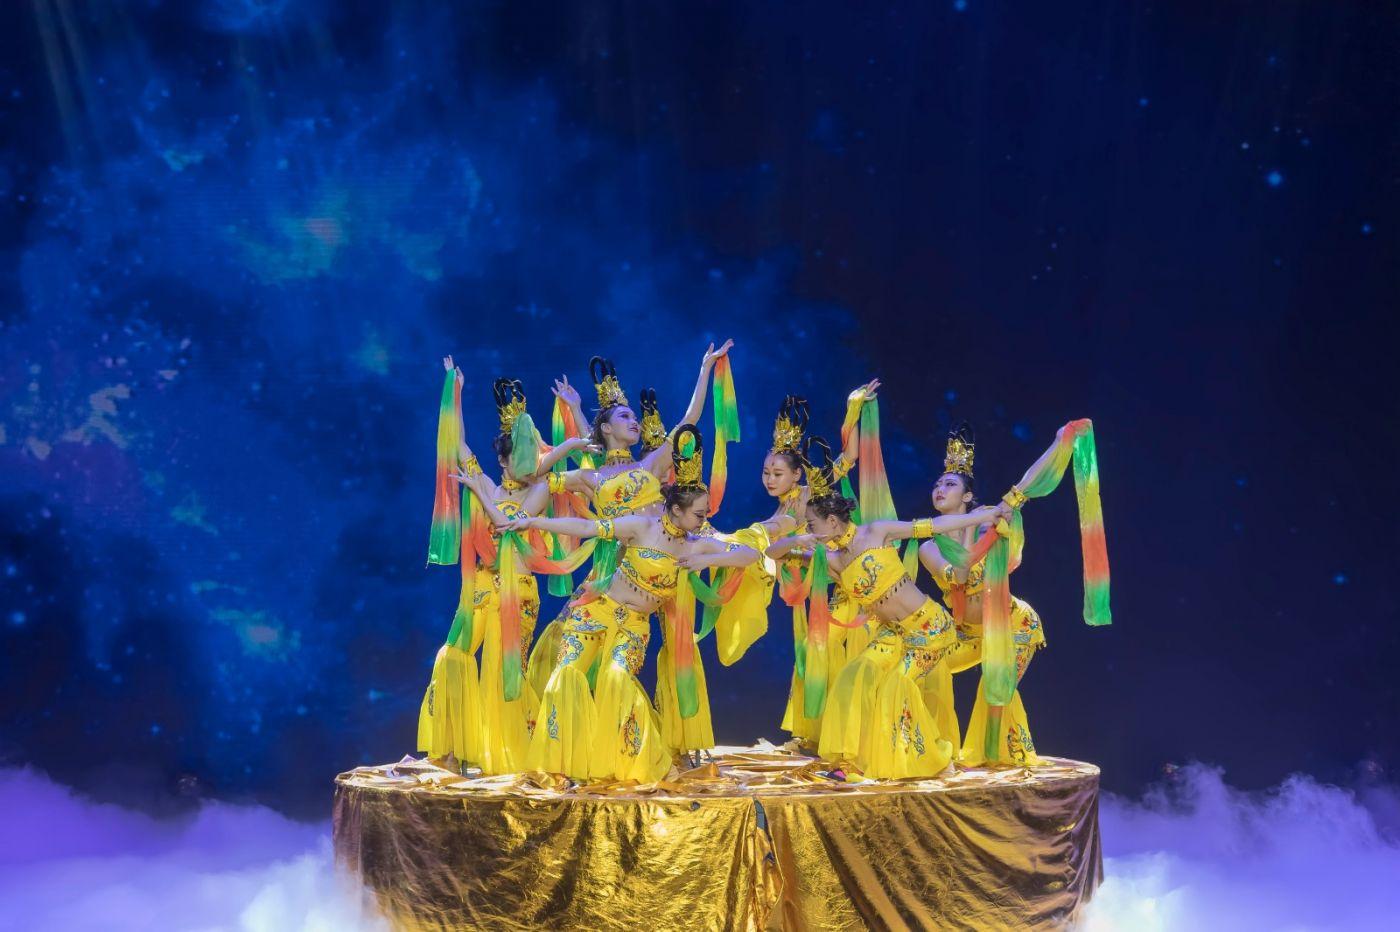 沂蒙大地上 有一种舞蹈叫飞天 这是几位临沂女孩的杰作 美轮美奂 ..._图1-10